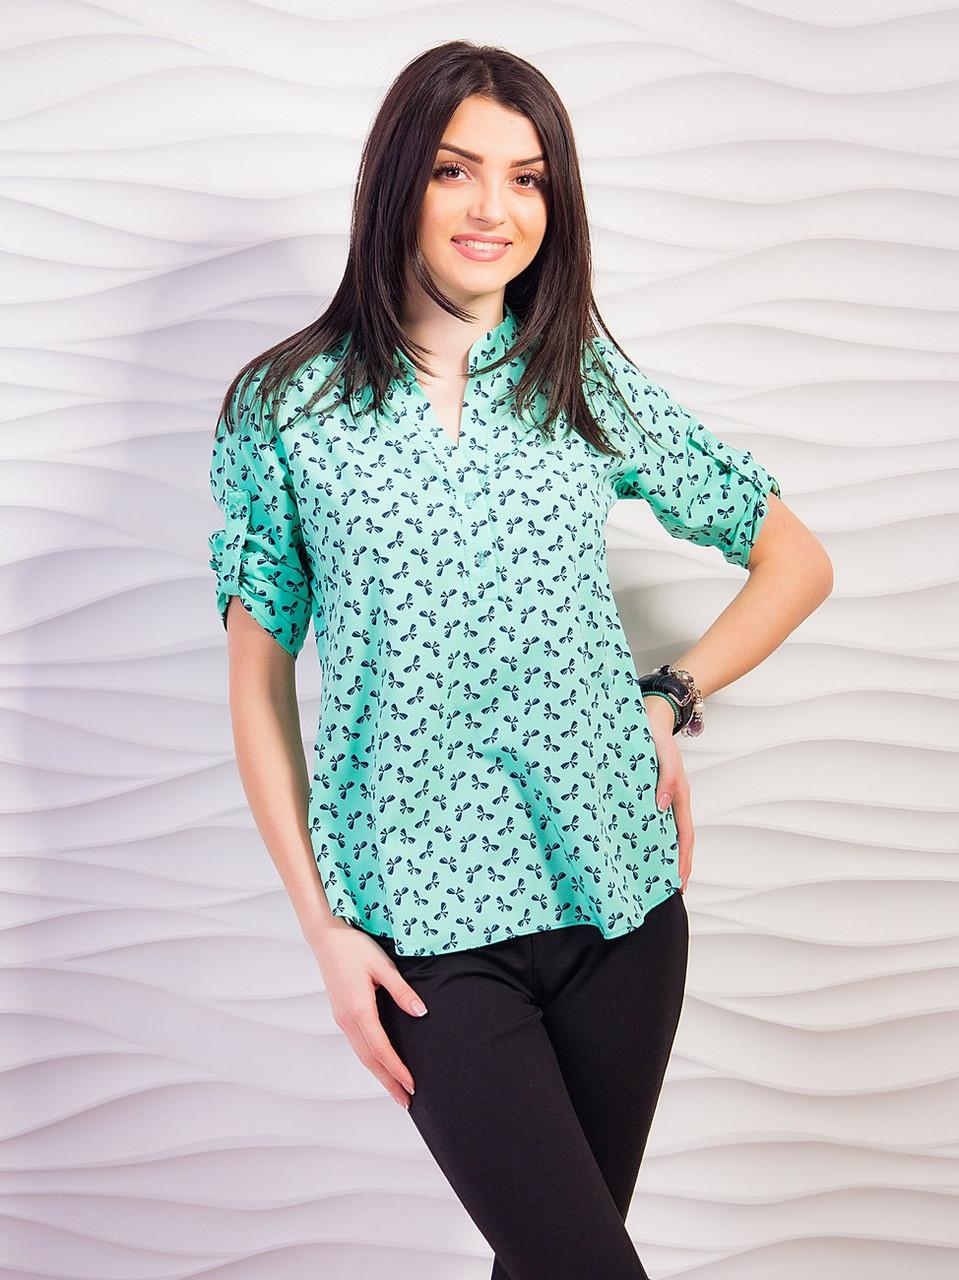 476c13593a9 Бирюзовая блузка с воротником стойкой - Интернет-магазин женской одежды